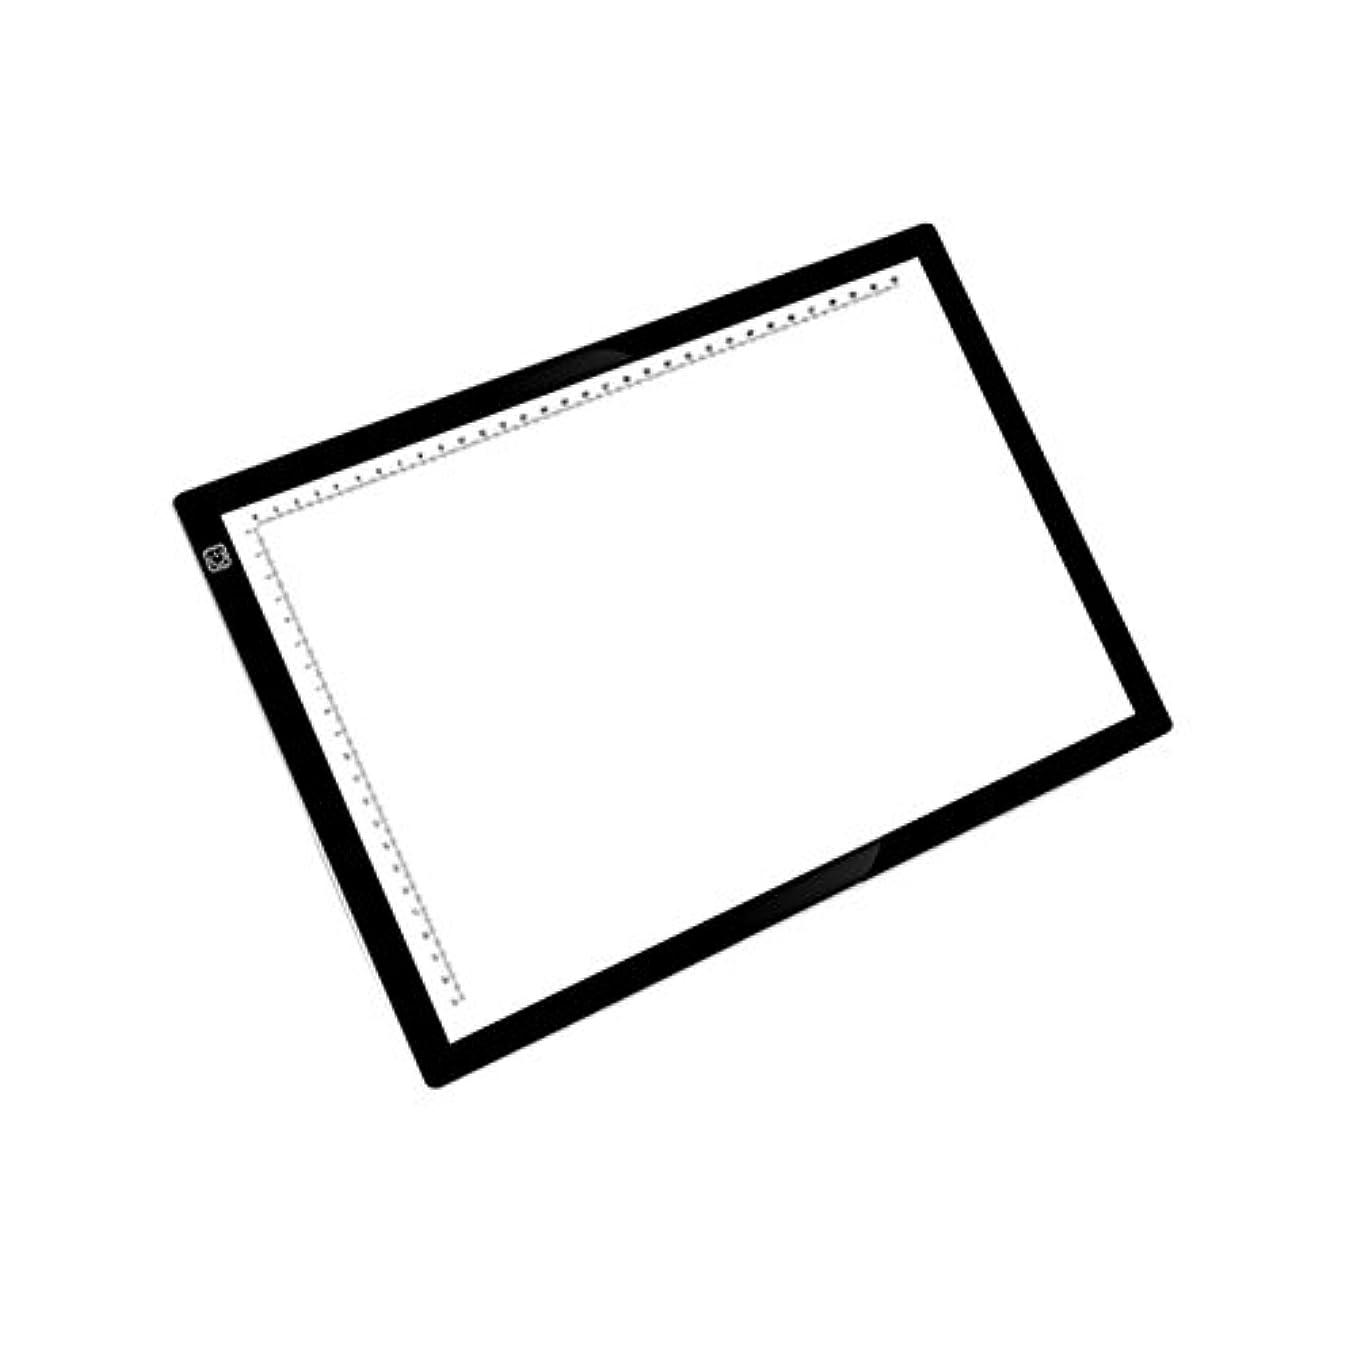 XL® ライトボックストレース、(A4サイズ)、スケッチ、アニメーションの描画、アーティストのためArtcraftトレースライトパッドライトボックスのLED